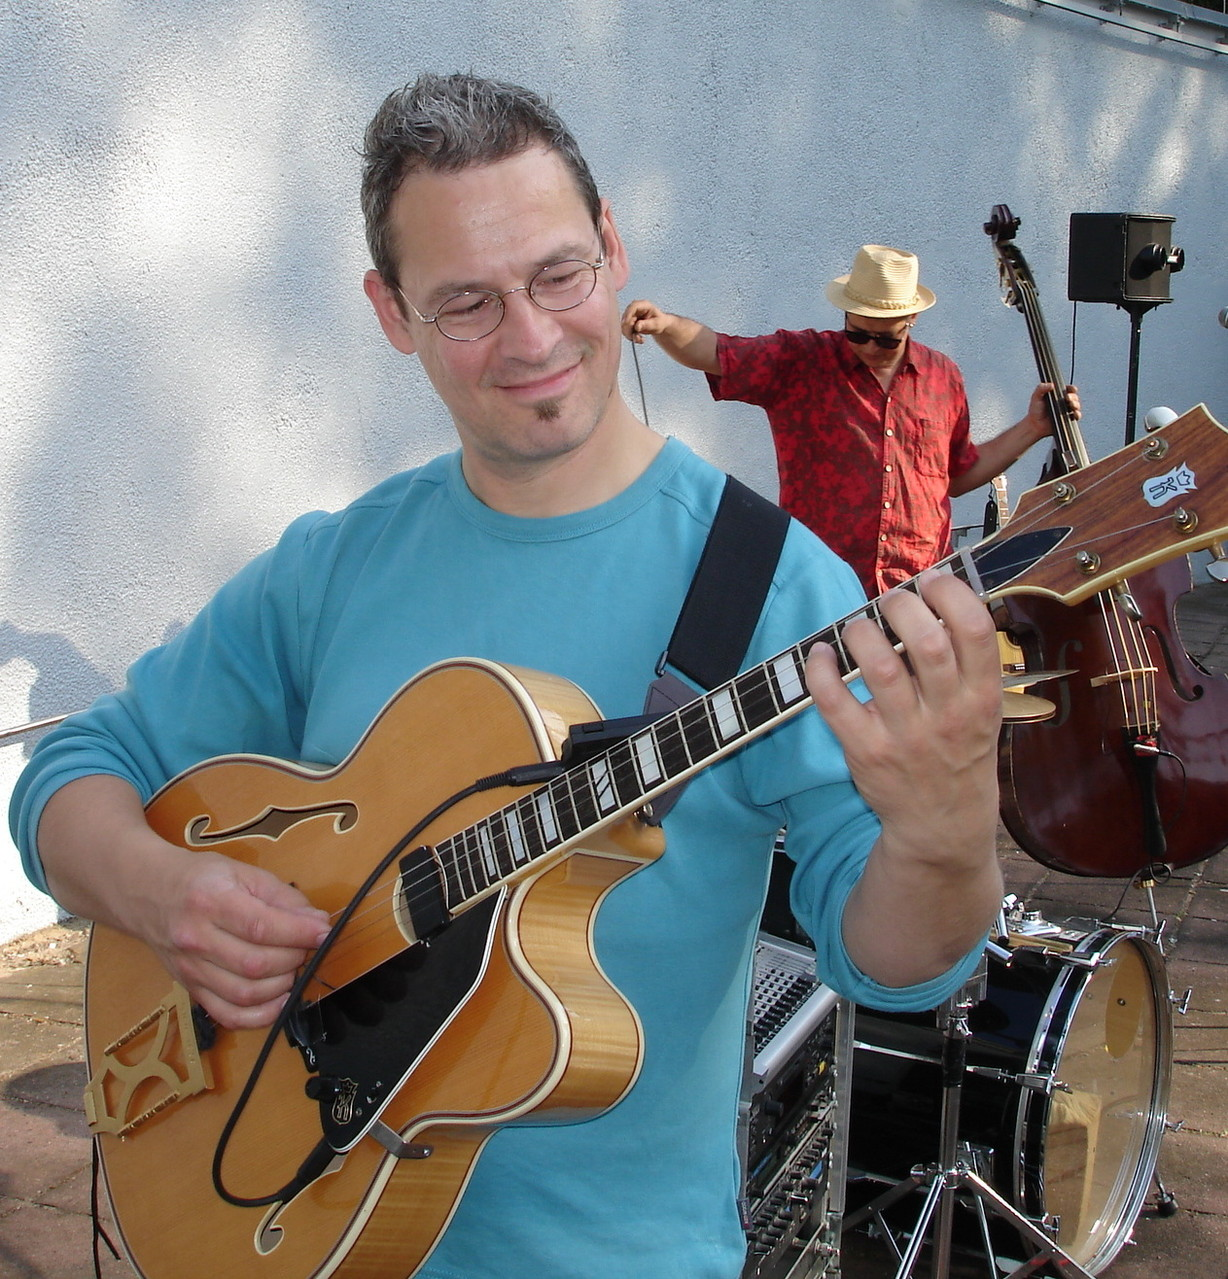 Matthias Opitz, seit Beginn dabei, ist Jazzpianist, Komponist und Bandleader u.a. Montagsorchester